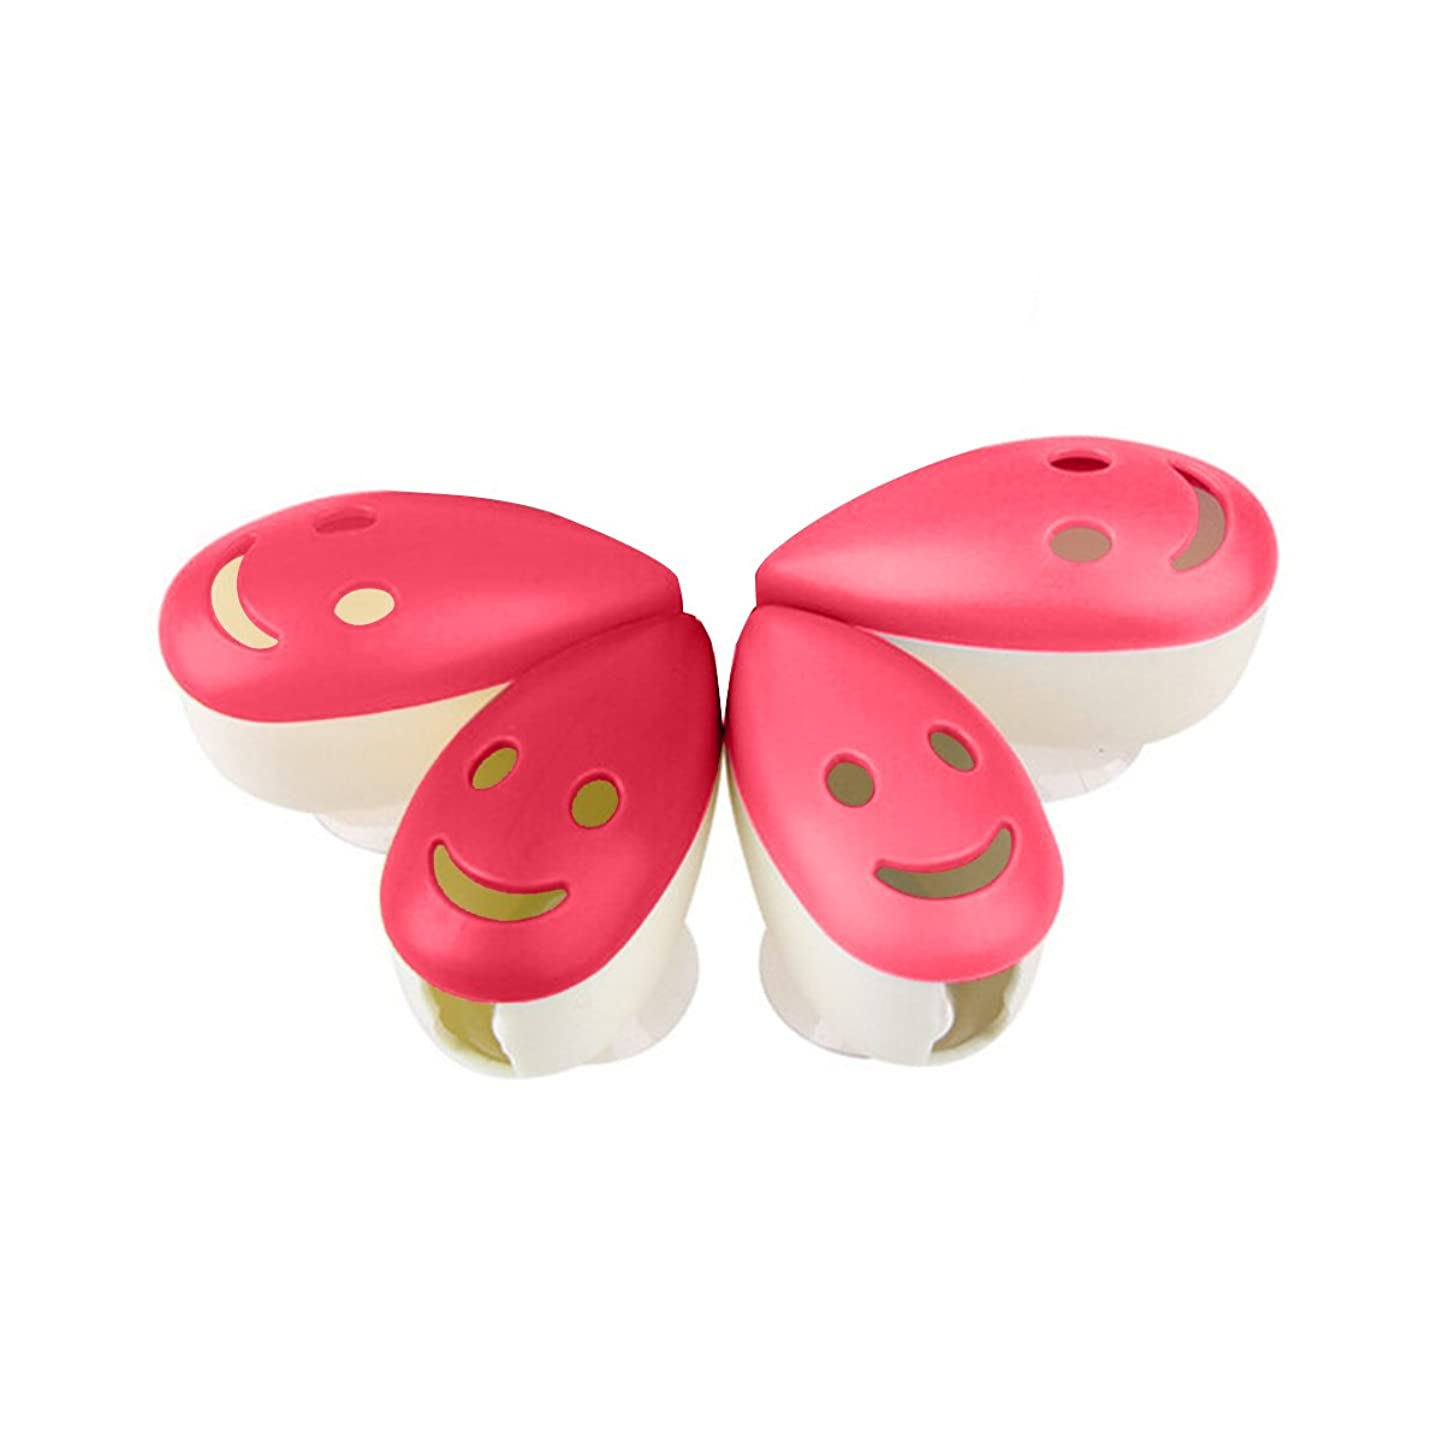 ワインペルメル納屋ROSENICE 歯ブラシケース4個のスマイルフェイス抗菌歯ブラシホルダーサクションカップ(混合色)